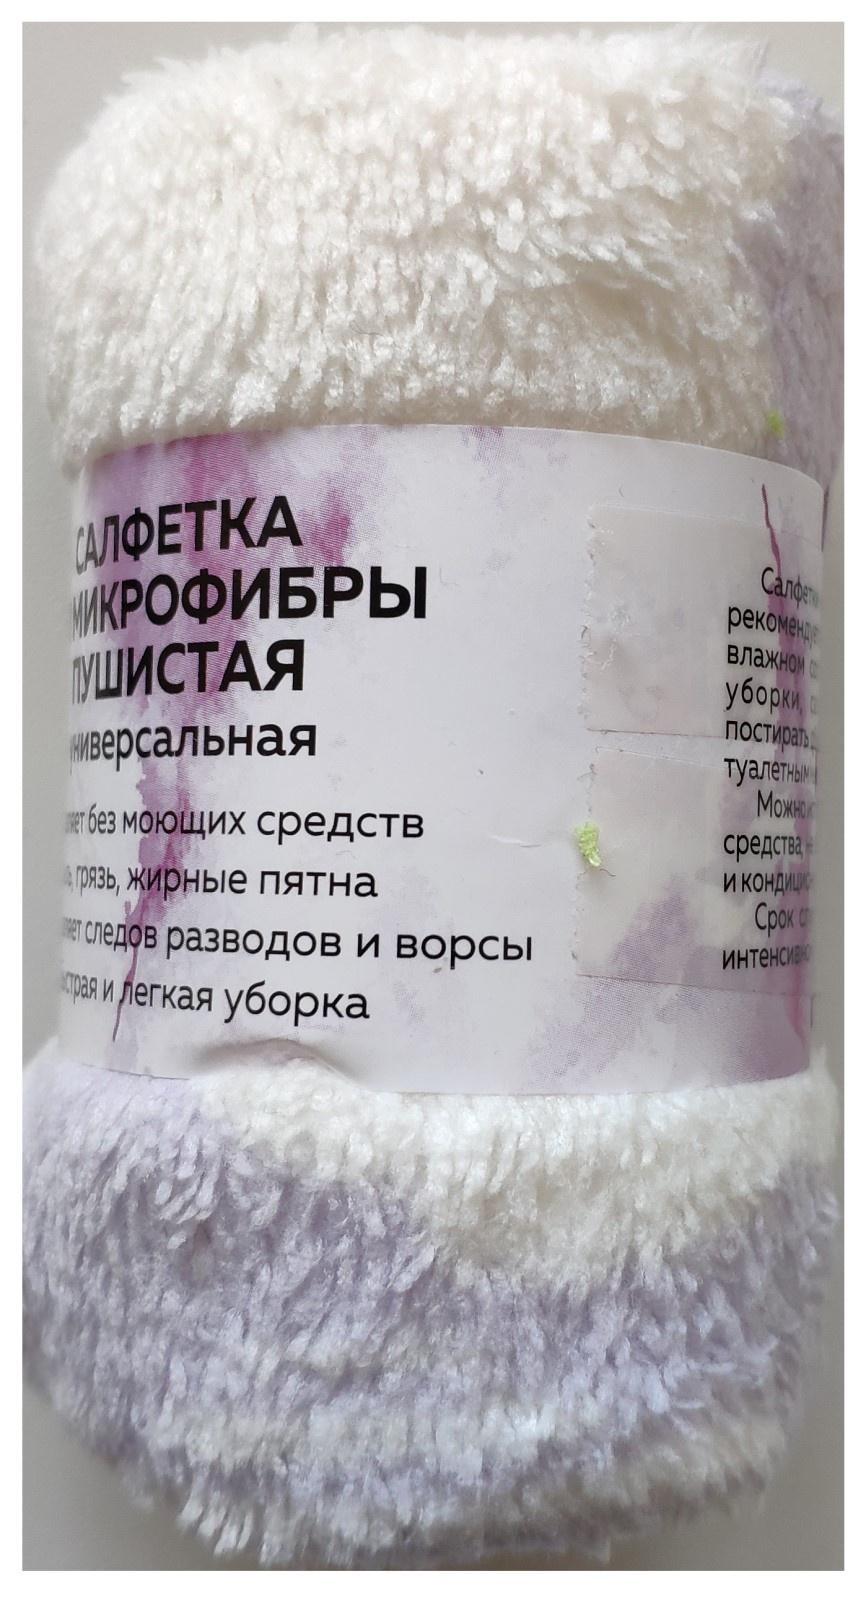 Салфетка S021F, фиолетовый утюг оставляет пятна